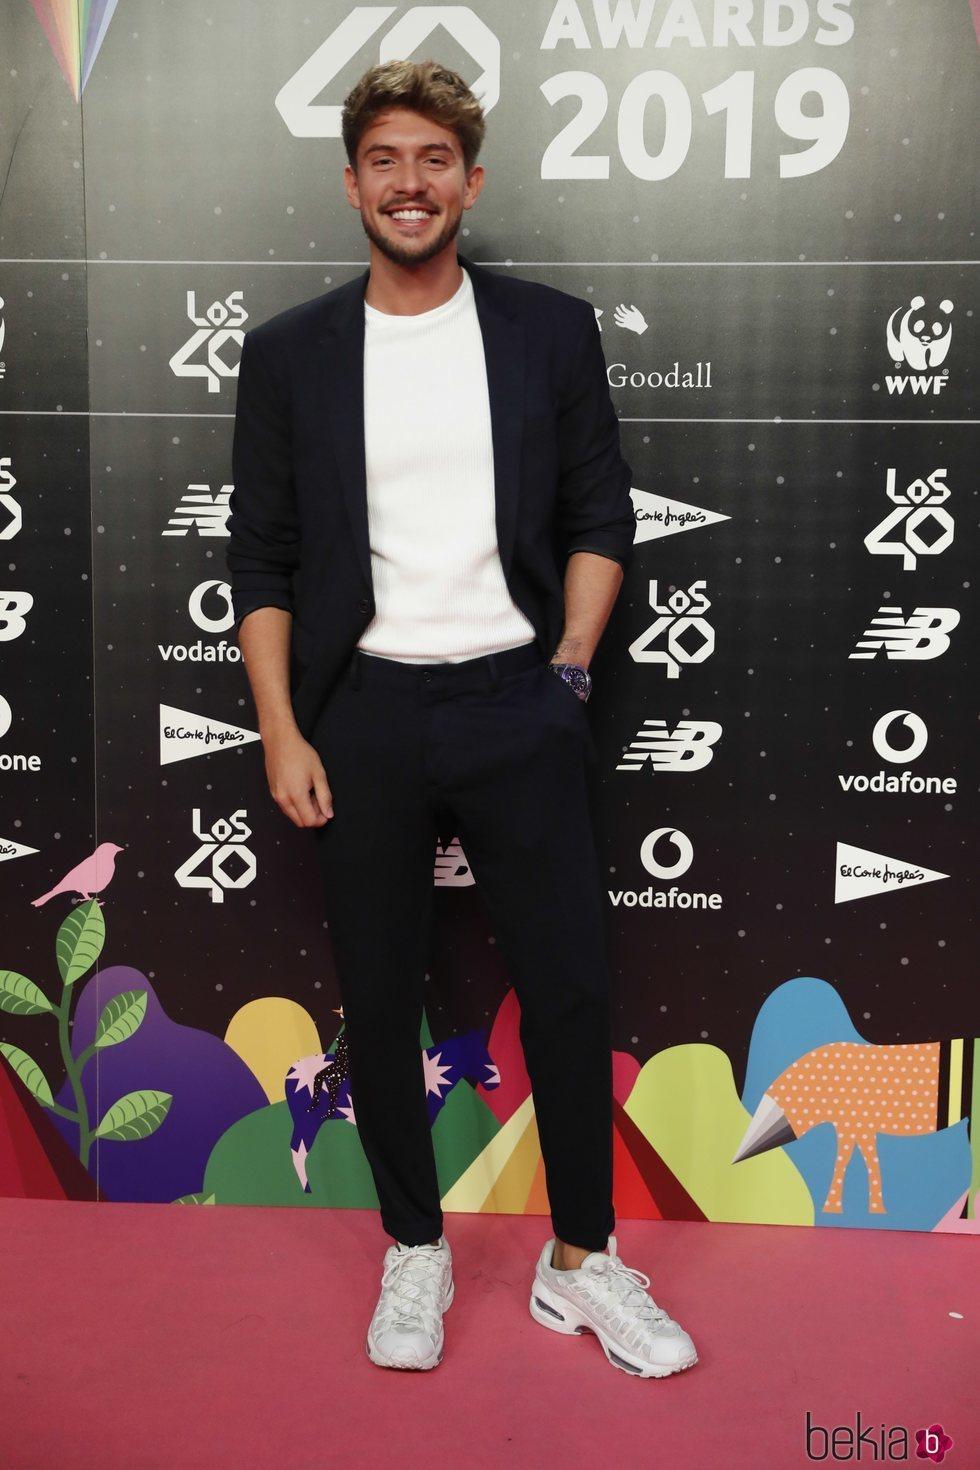 Carlos Right en la cena de los nominados de Los 40 Music Awards 2019